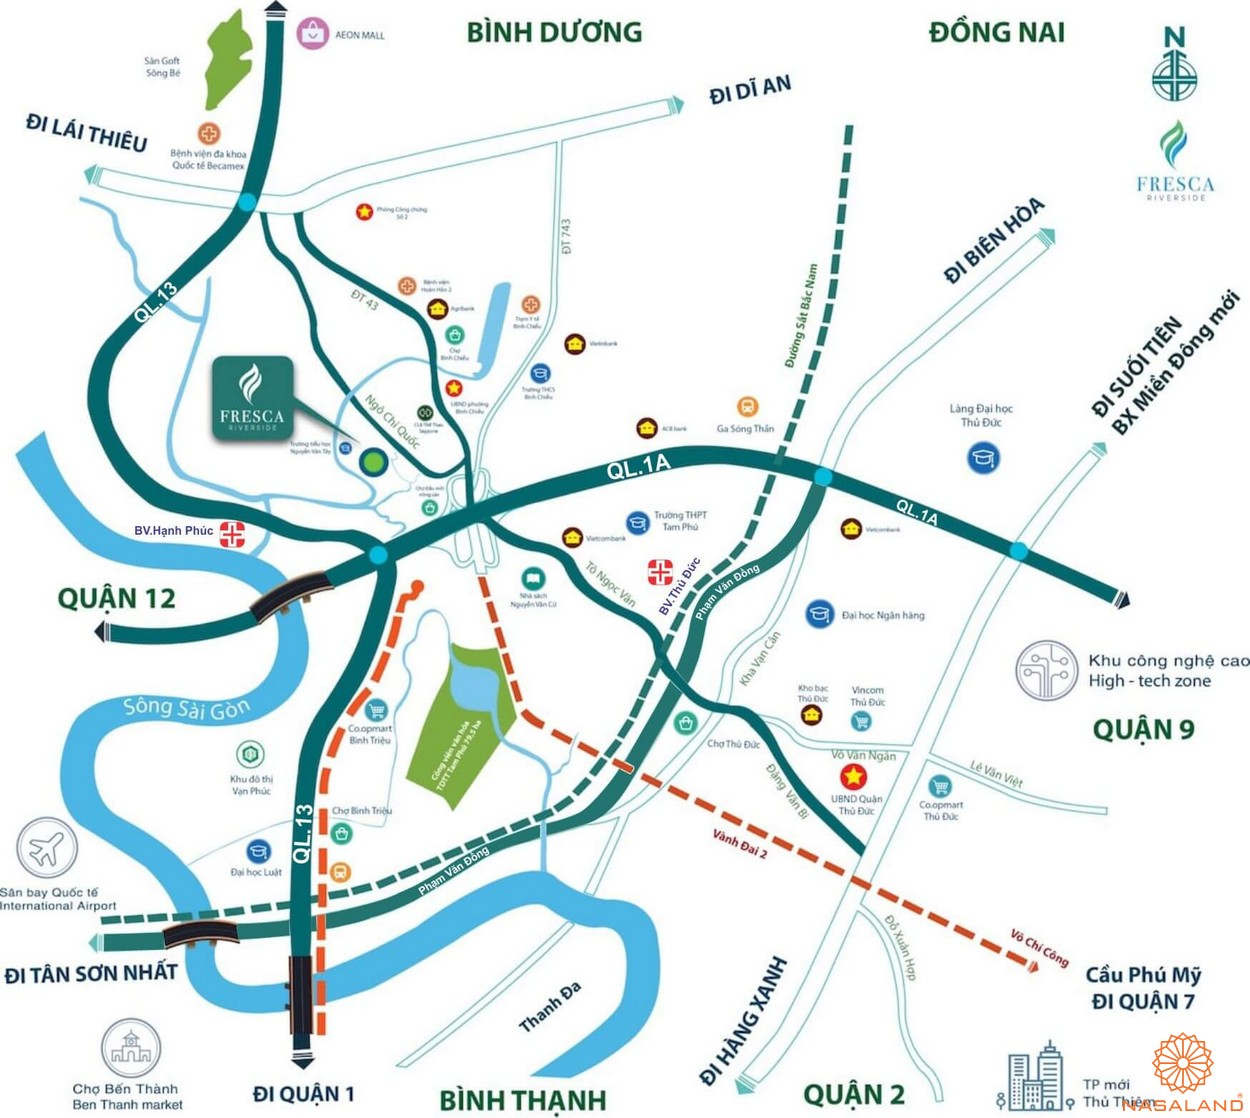 Vị trí địa chỉ dự án căn hộ chung cư Fresca Riverside tọa lạc tại quậnThủ Đức